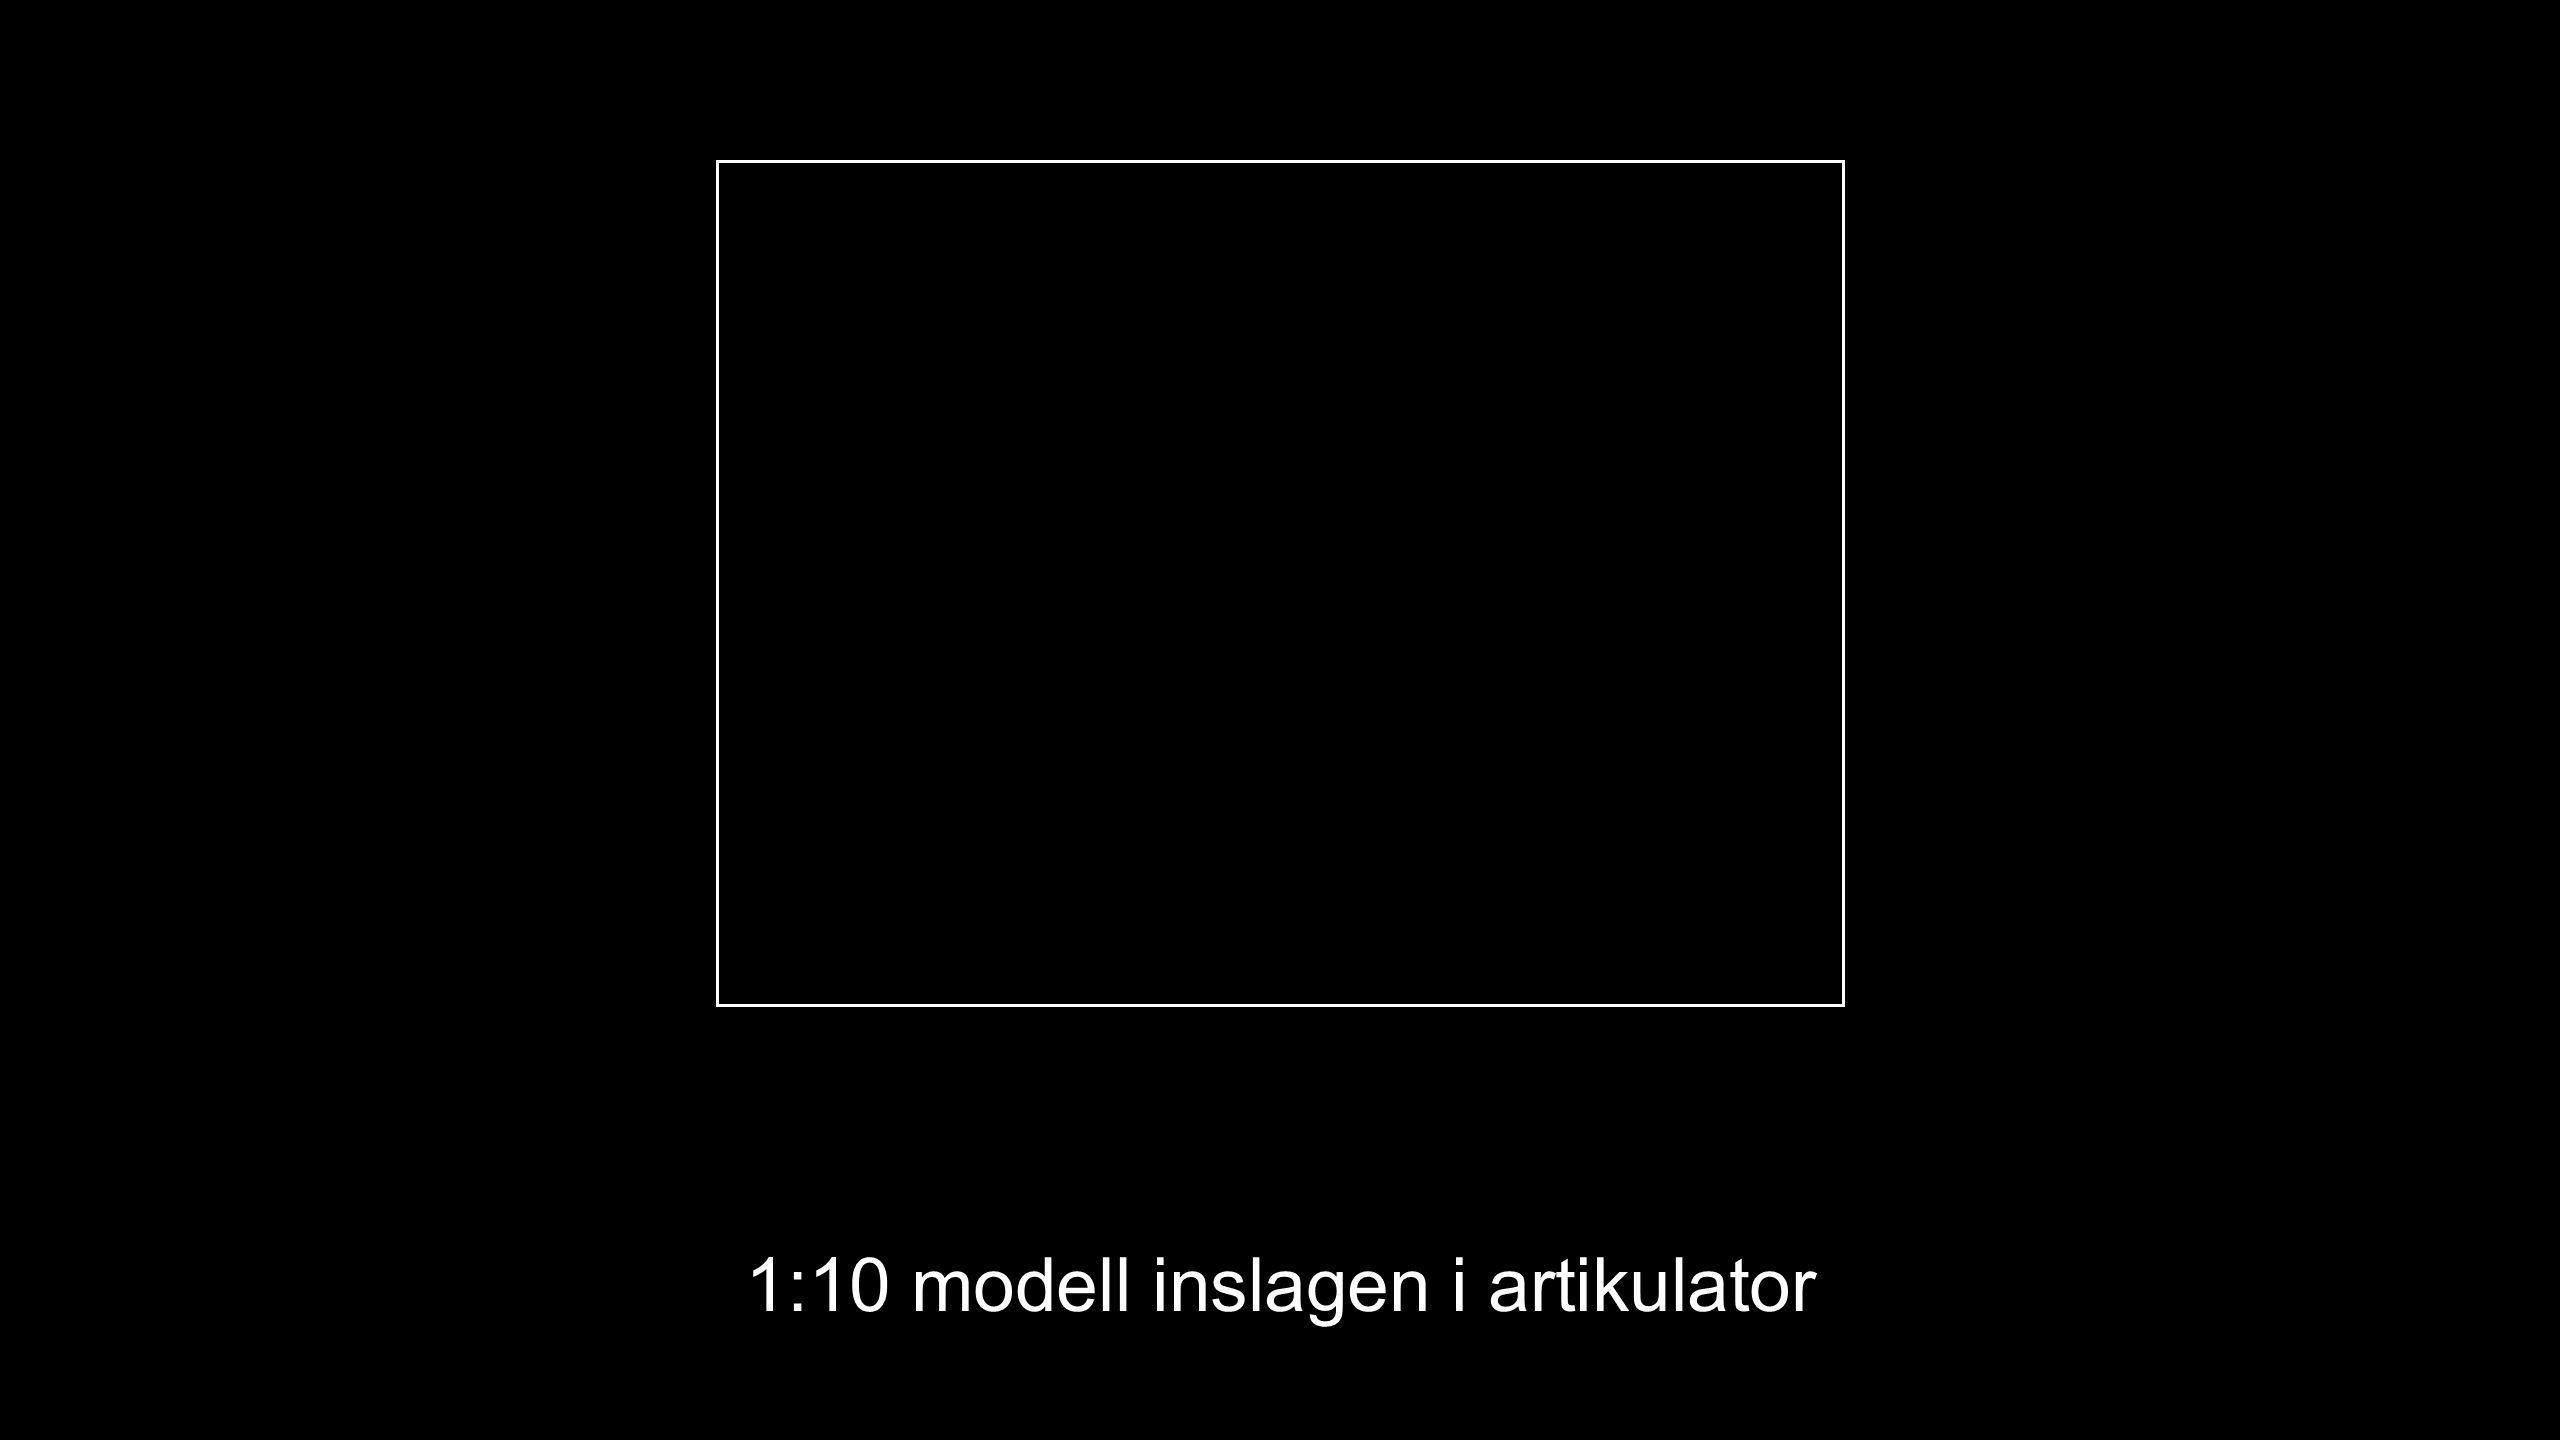 1:10 modell inslagen i artikulator